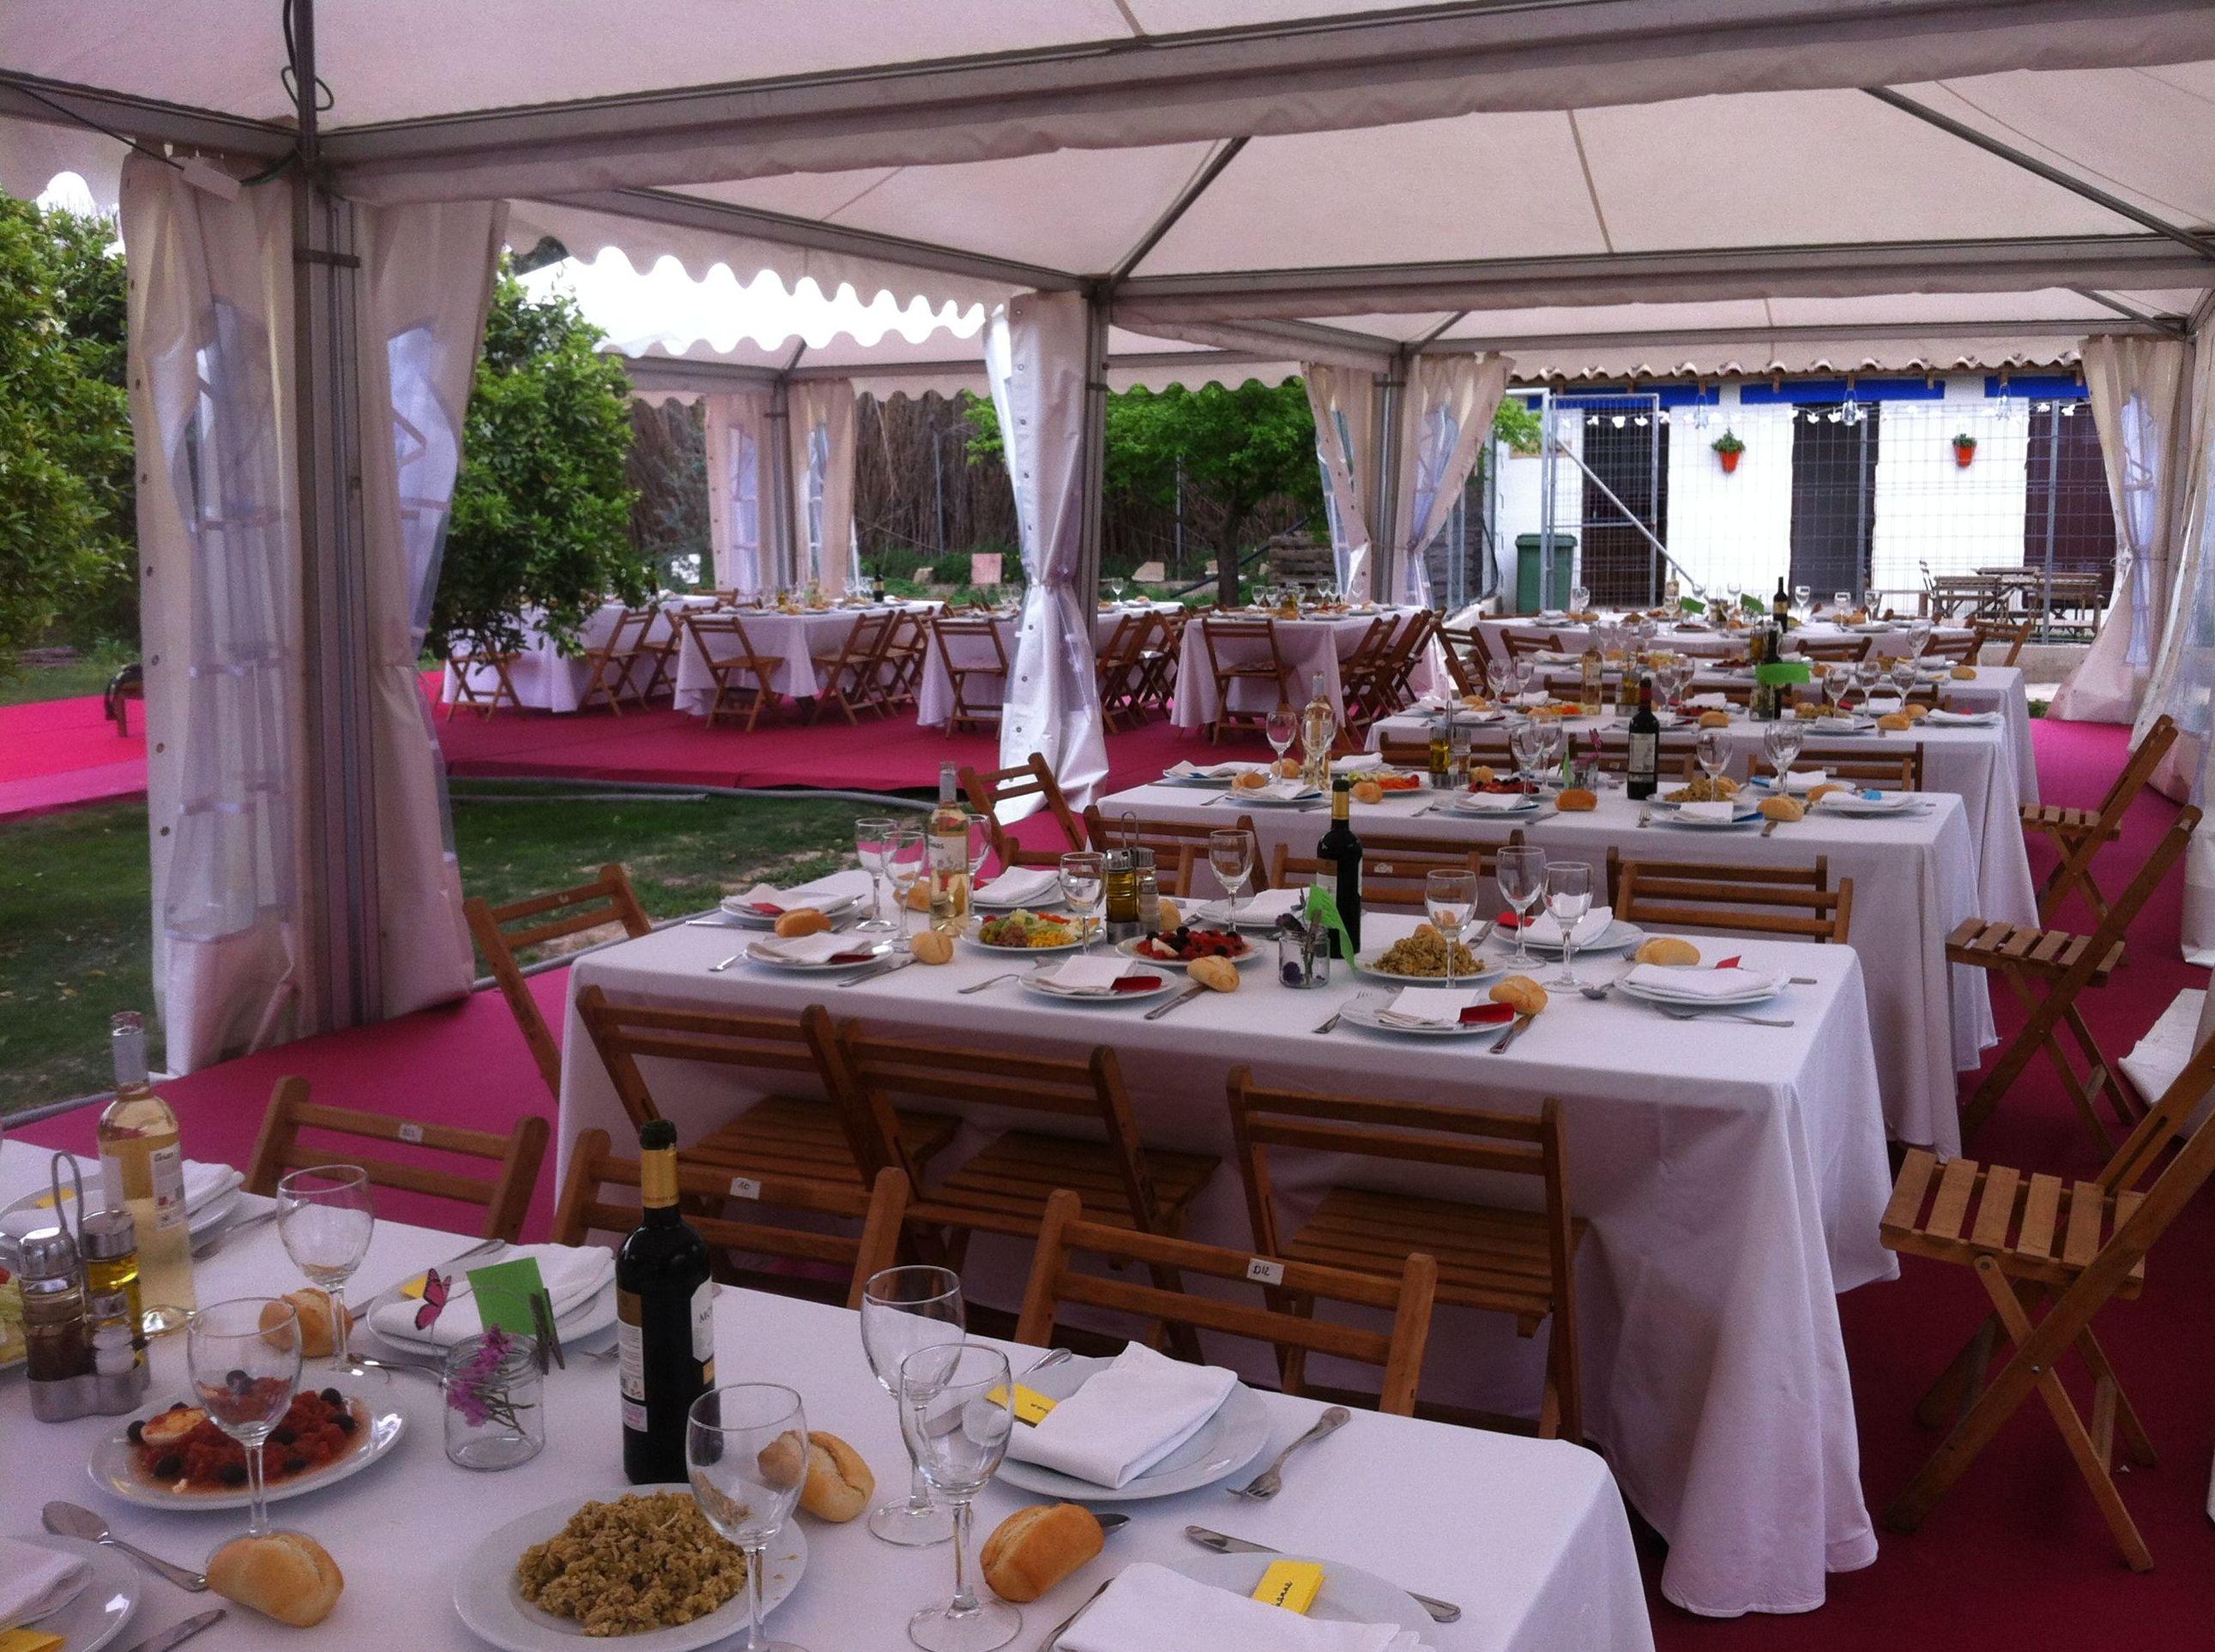 Alquiler de sillas, mesas, vajillas.. en Murcia